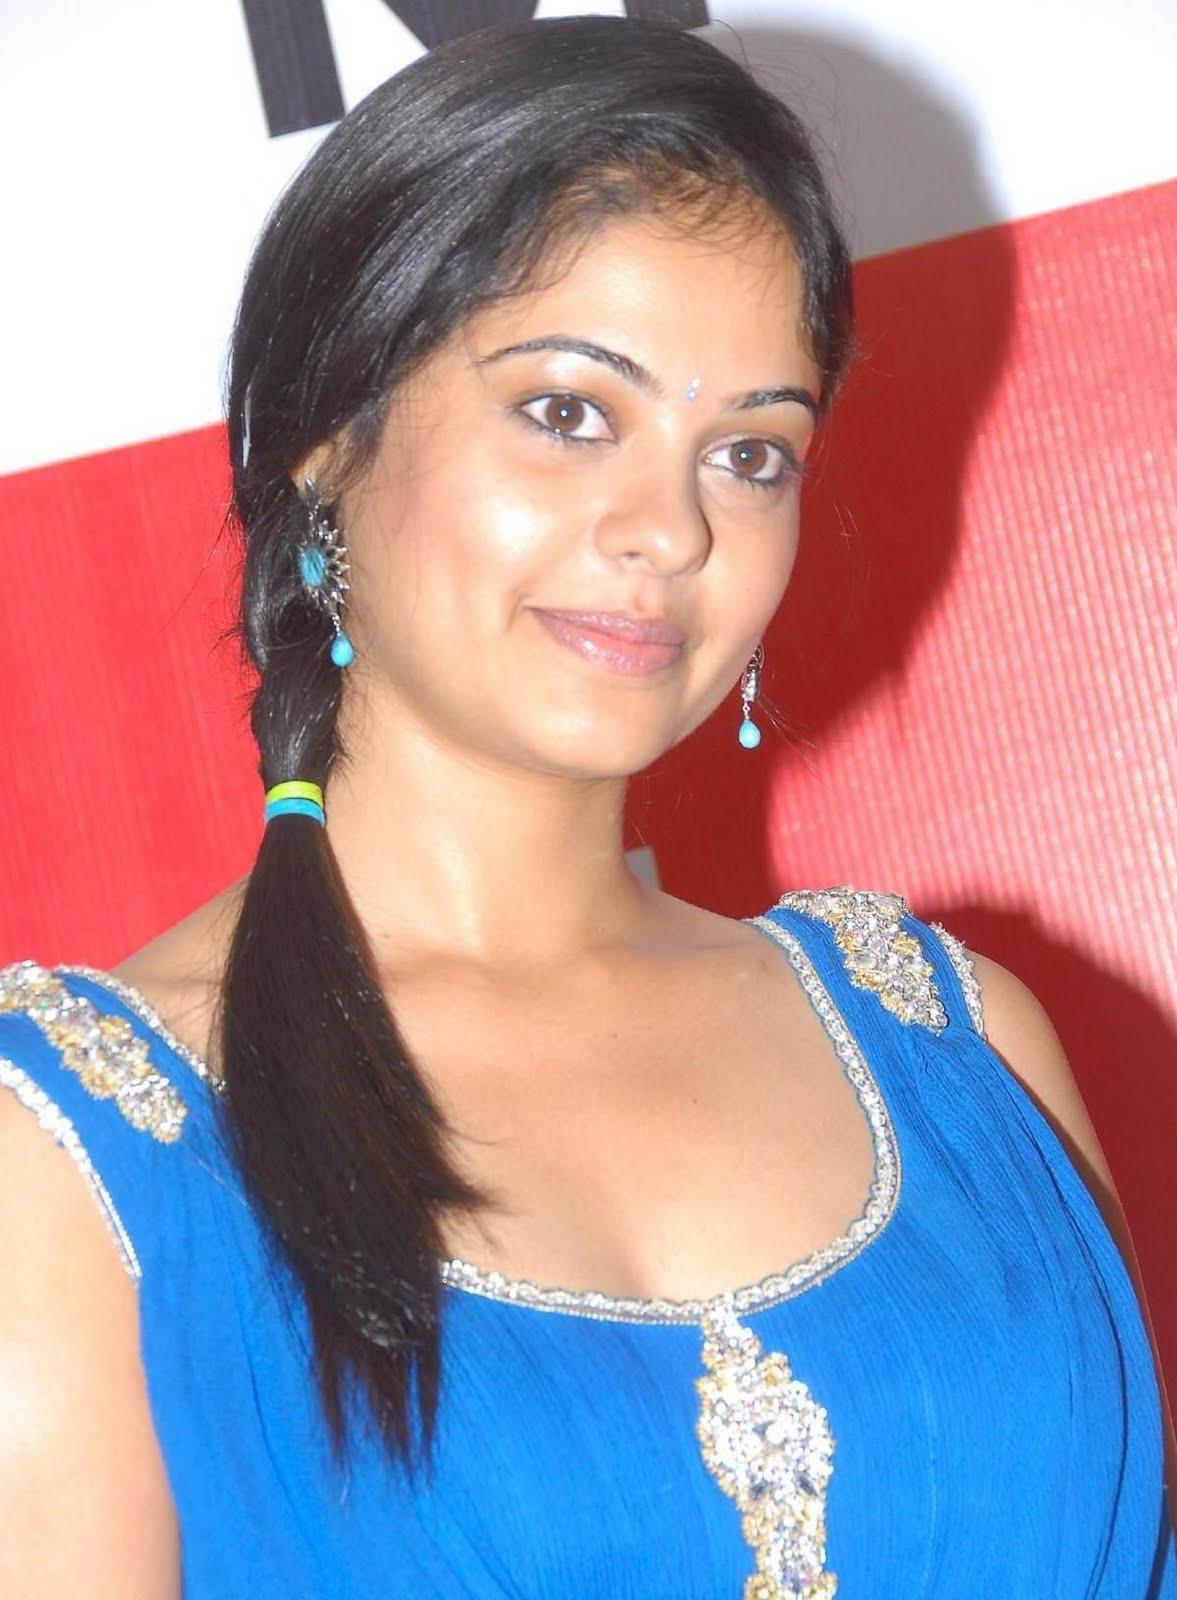 http://2.bp.blogspot.com/-fd4G9_ltYnw/TmYh-aK4sqI/AAAAAAAAFFs/gBPNZcjiIaQ/s1600/Actress-Bindu-Madhavi-Blue-Dress-Paos_actresspaoszone.blogspot.com_5.jpg